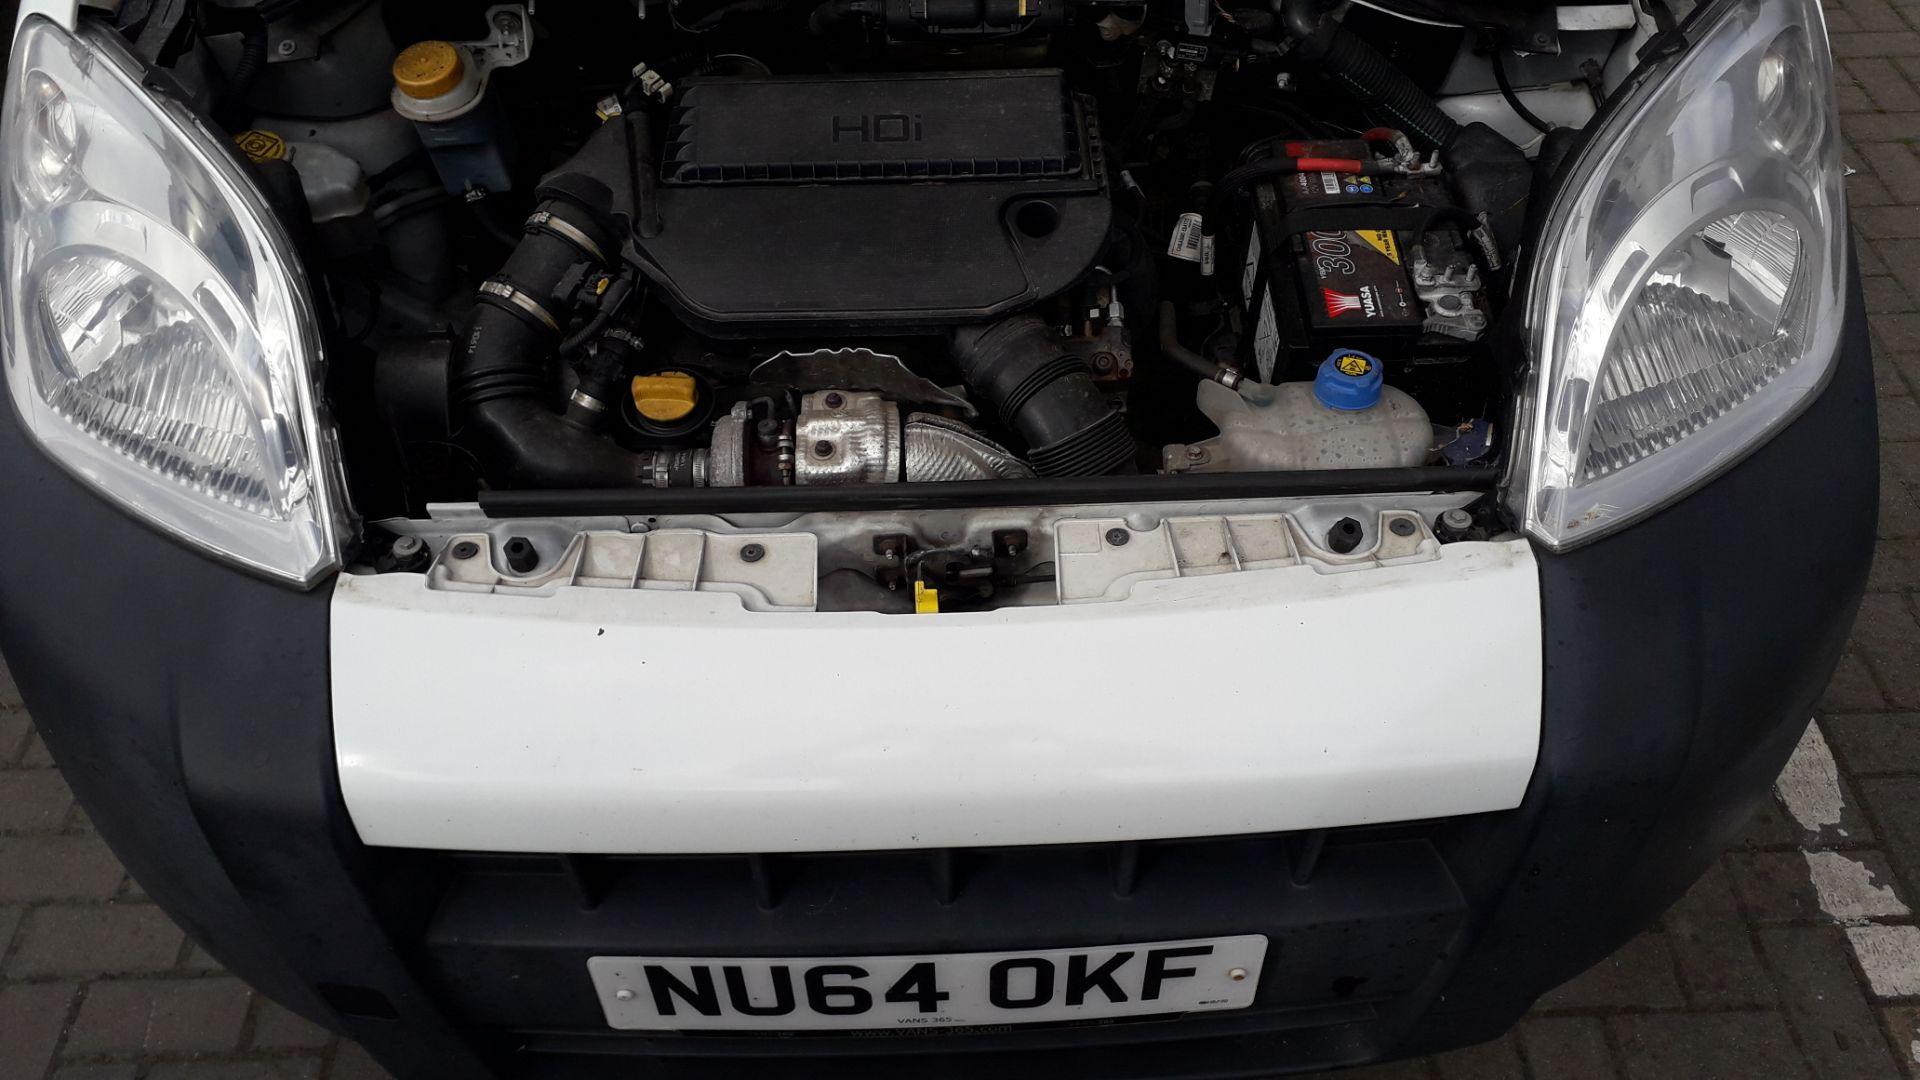 Peugeot Bipper 1.3 Hdi 75 S Diesel Van, Registrati - Image 9 of 13